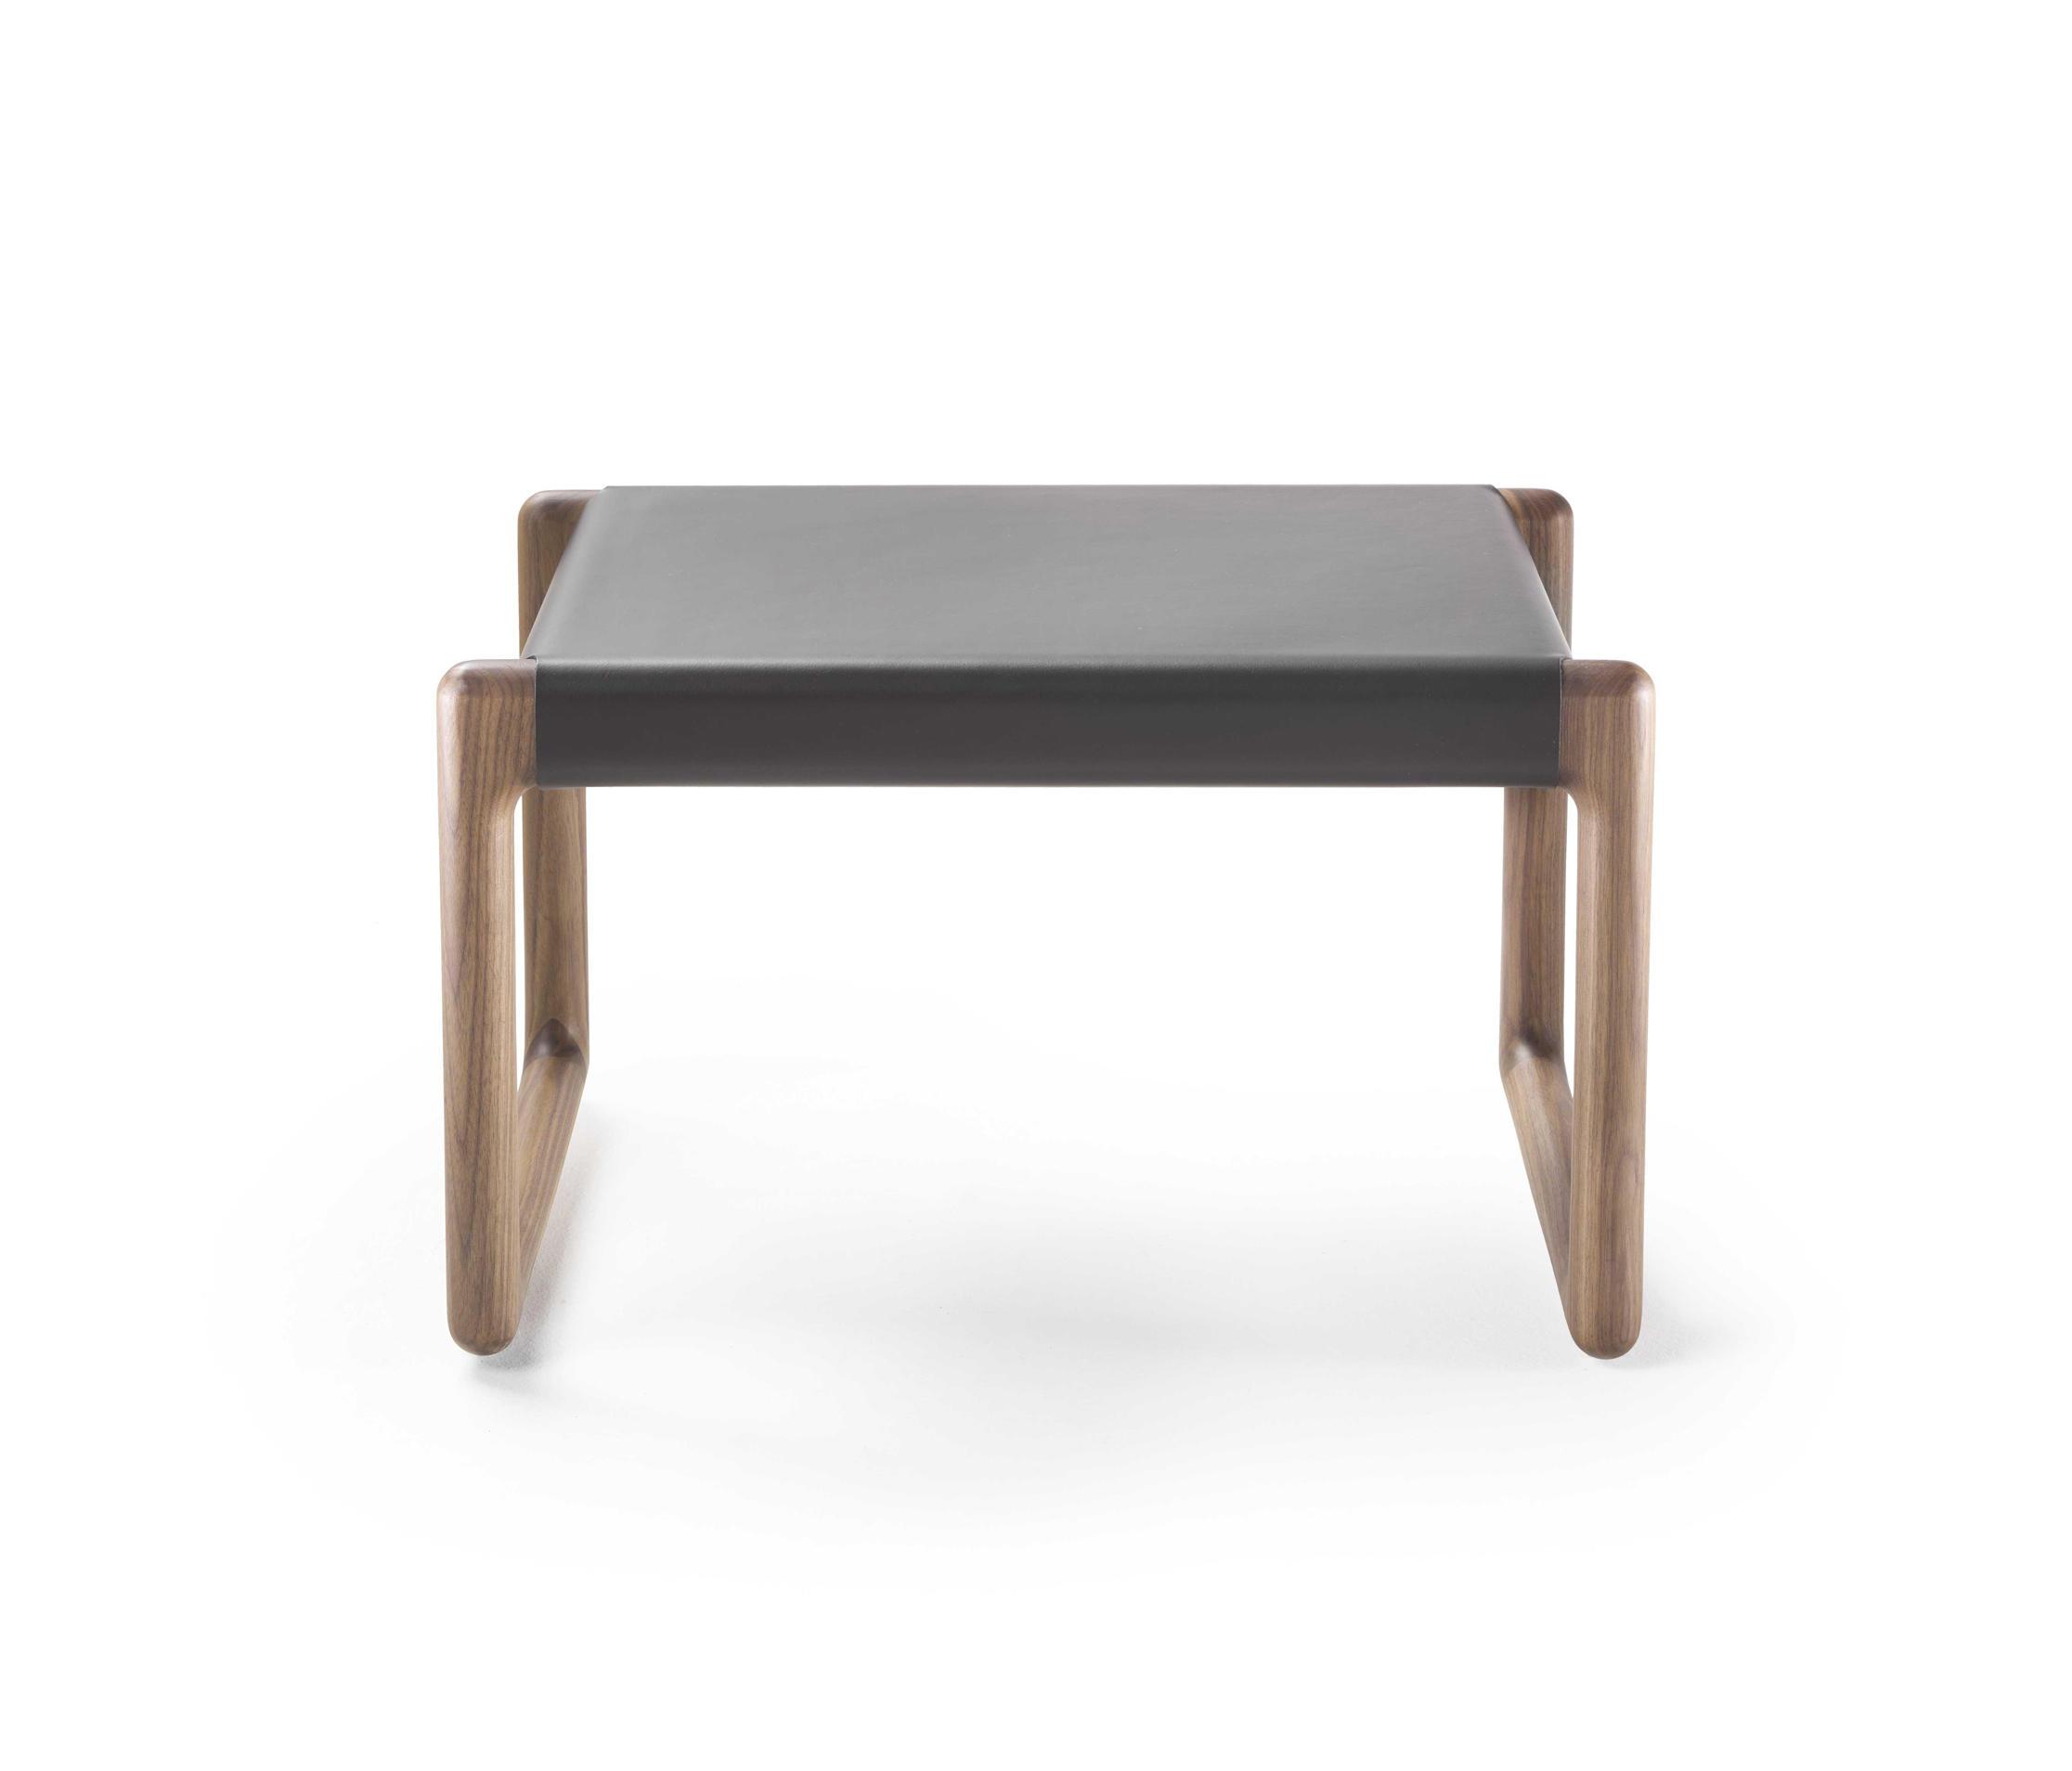 brig poufs de flexform architonic. Black Bedroom Furniture Sets. Home Design Ideas